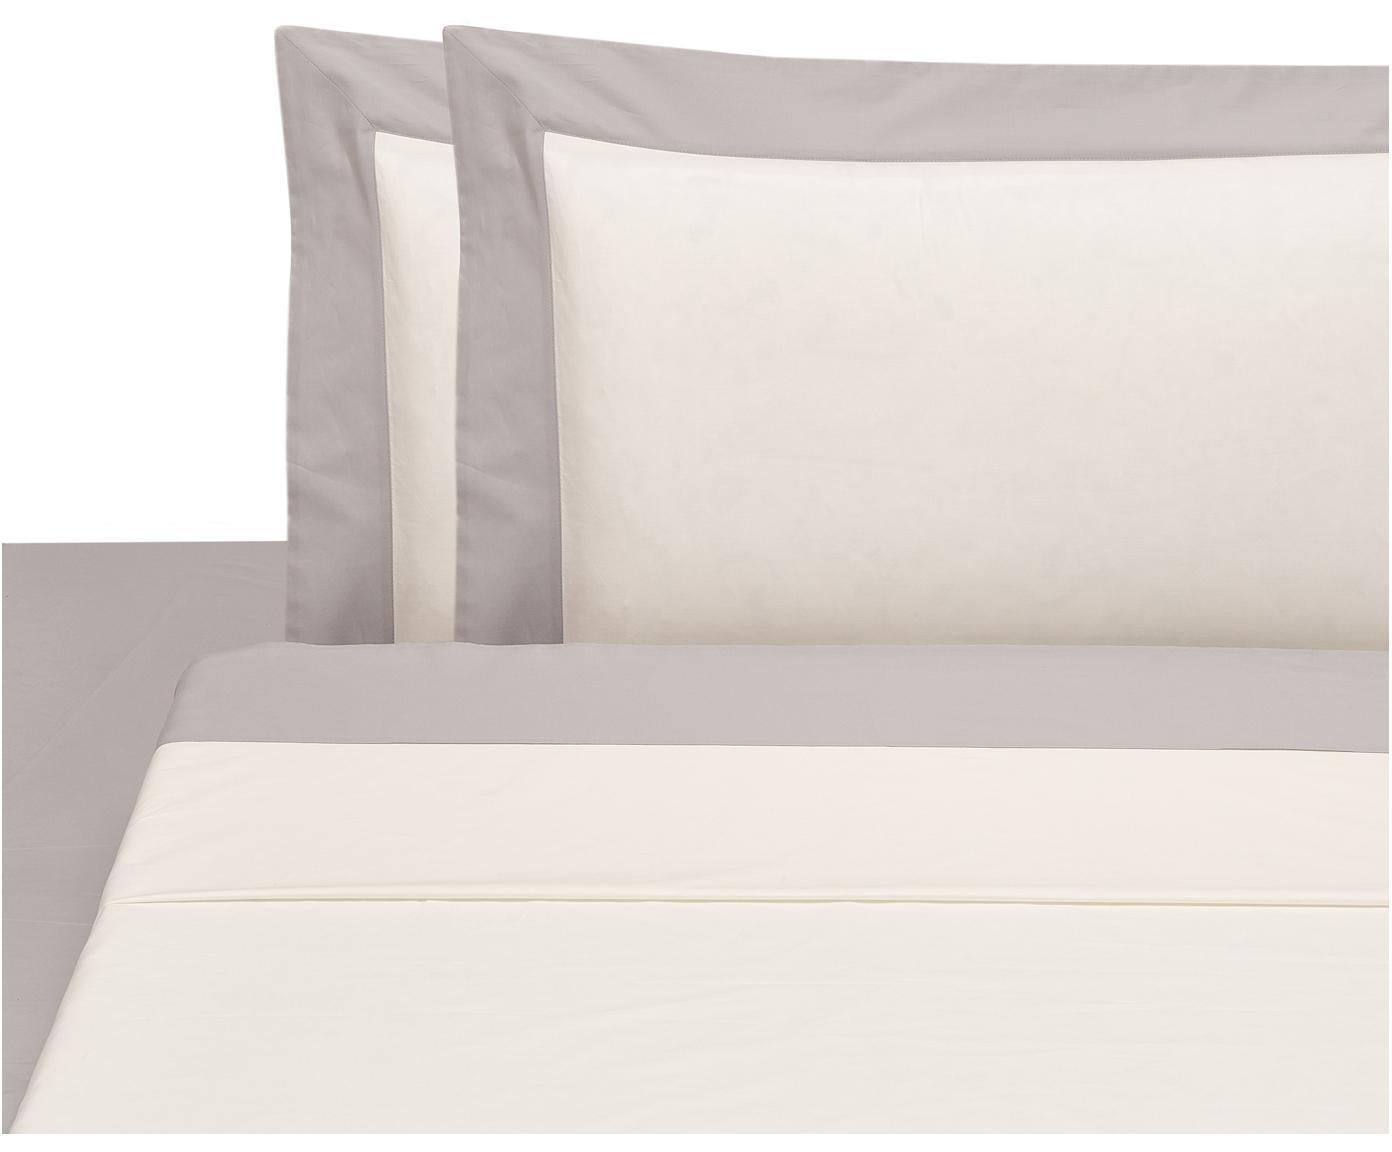 Set lenzuola in percalle Plein 4 pz, Grigio, bianco latteo, 260 x 295 cm